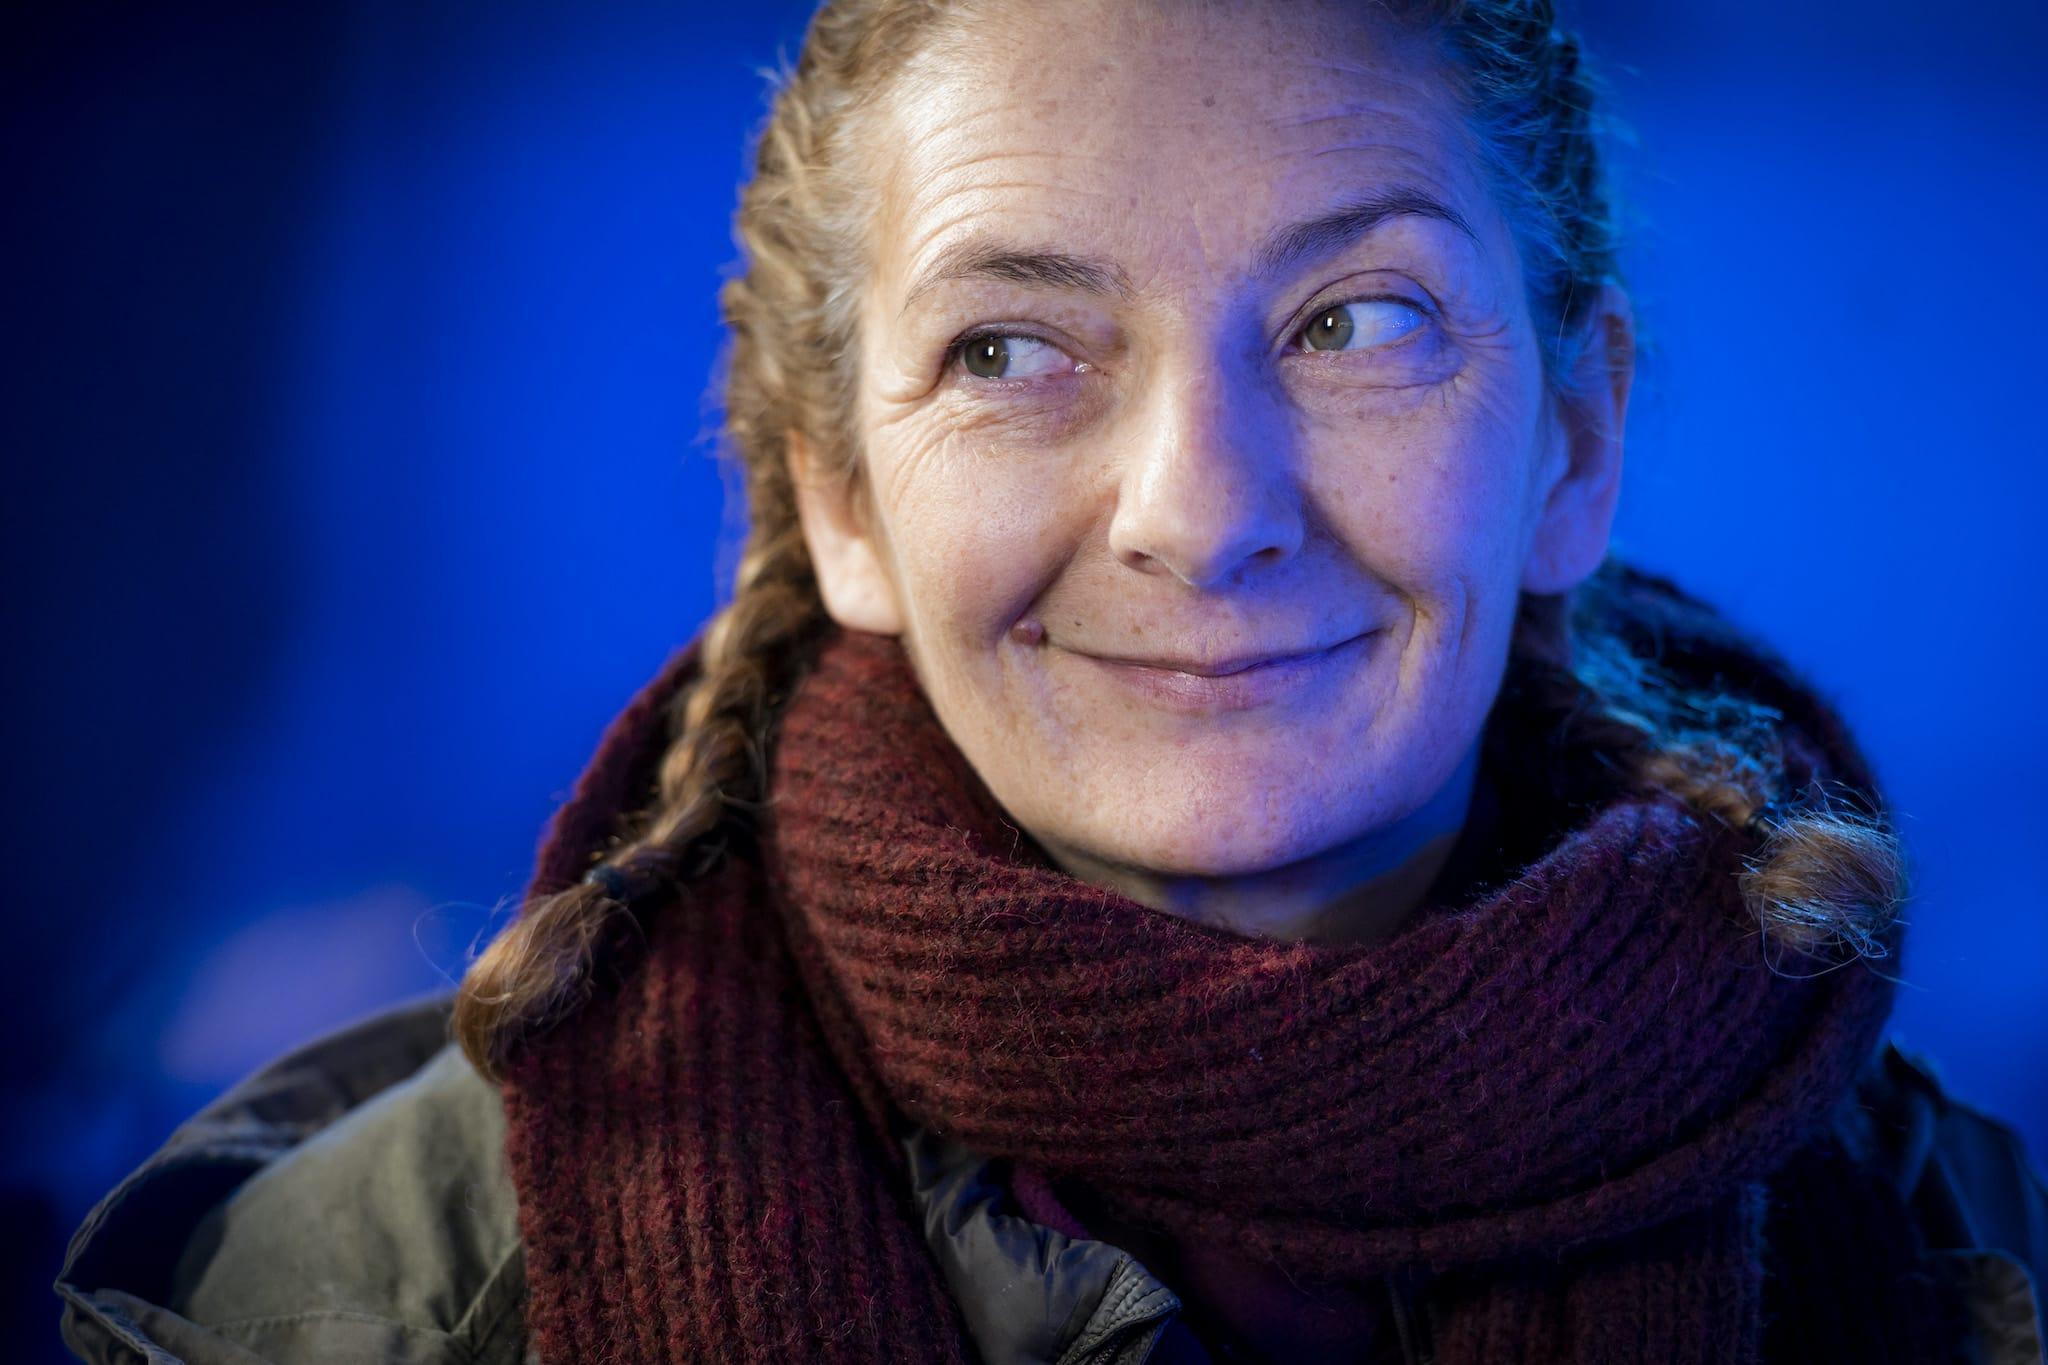 Capitaine Marleau épisode La reine des glaces image série télé